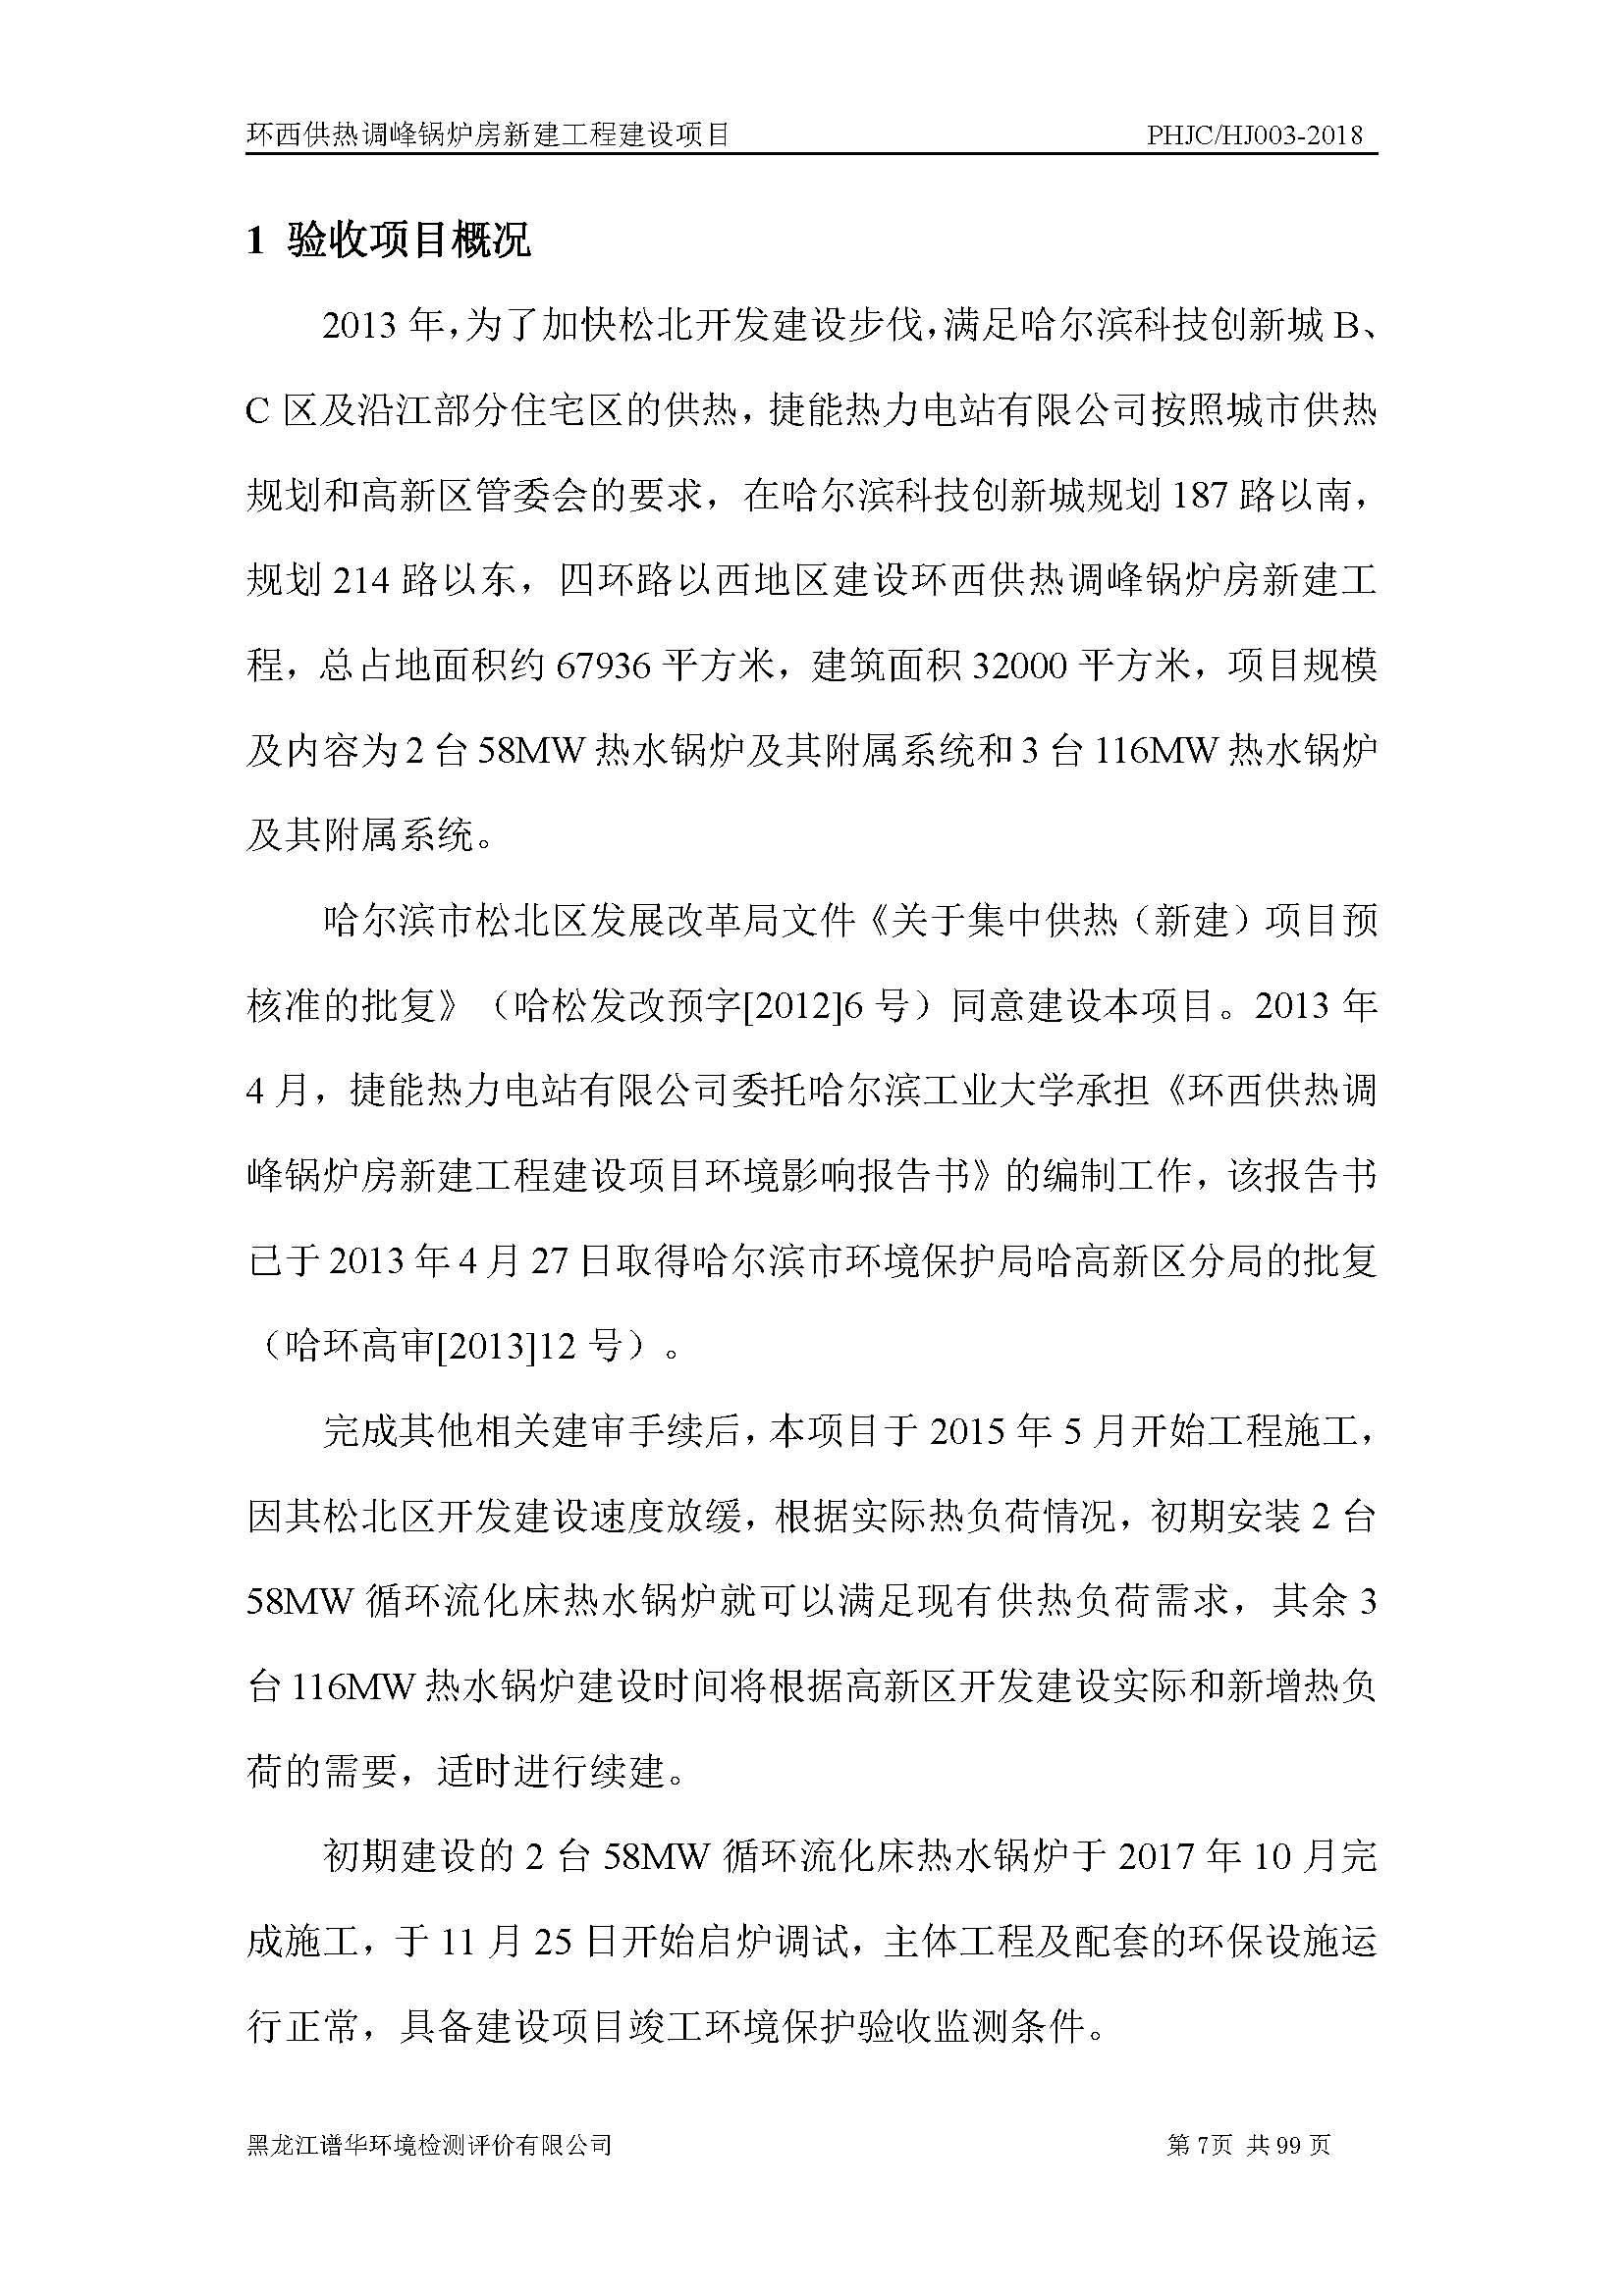 环西供热调峰锅炉房新建工程建设项目环境监测验收报告|项目公示-黑龙江谱华环境检测评价有限公司